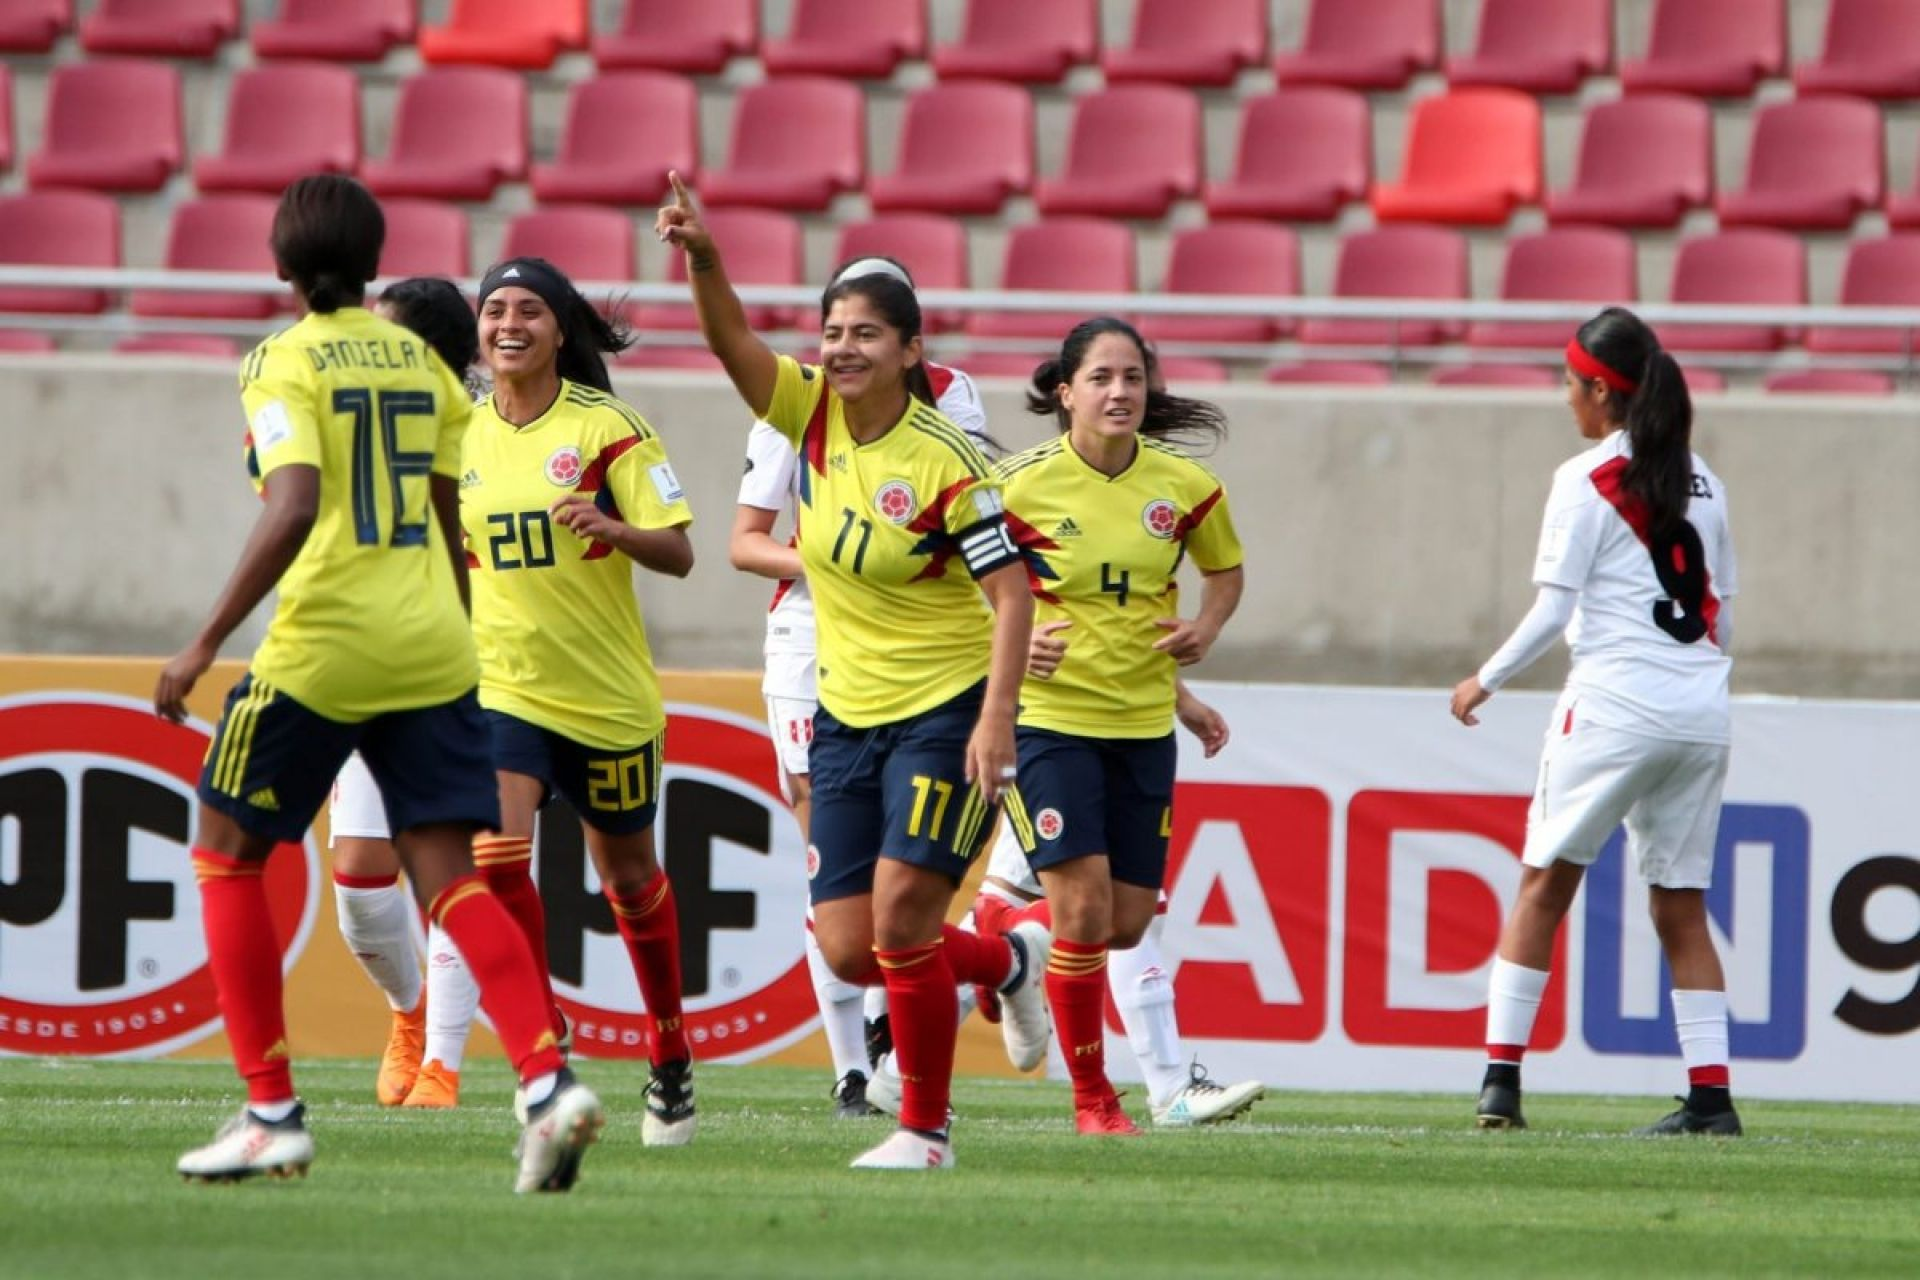 ¡Increíble! Una muñeca apoya más el fútbol femenino en Colombia que cualquier entidad